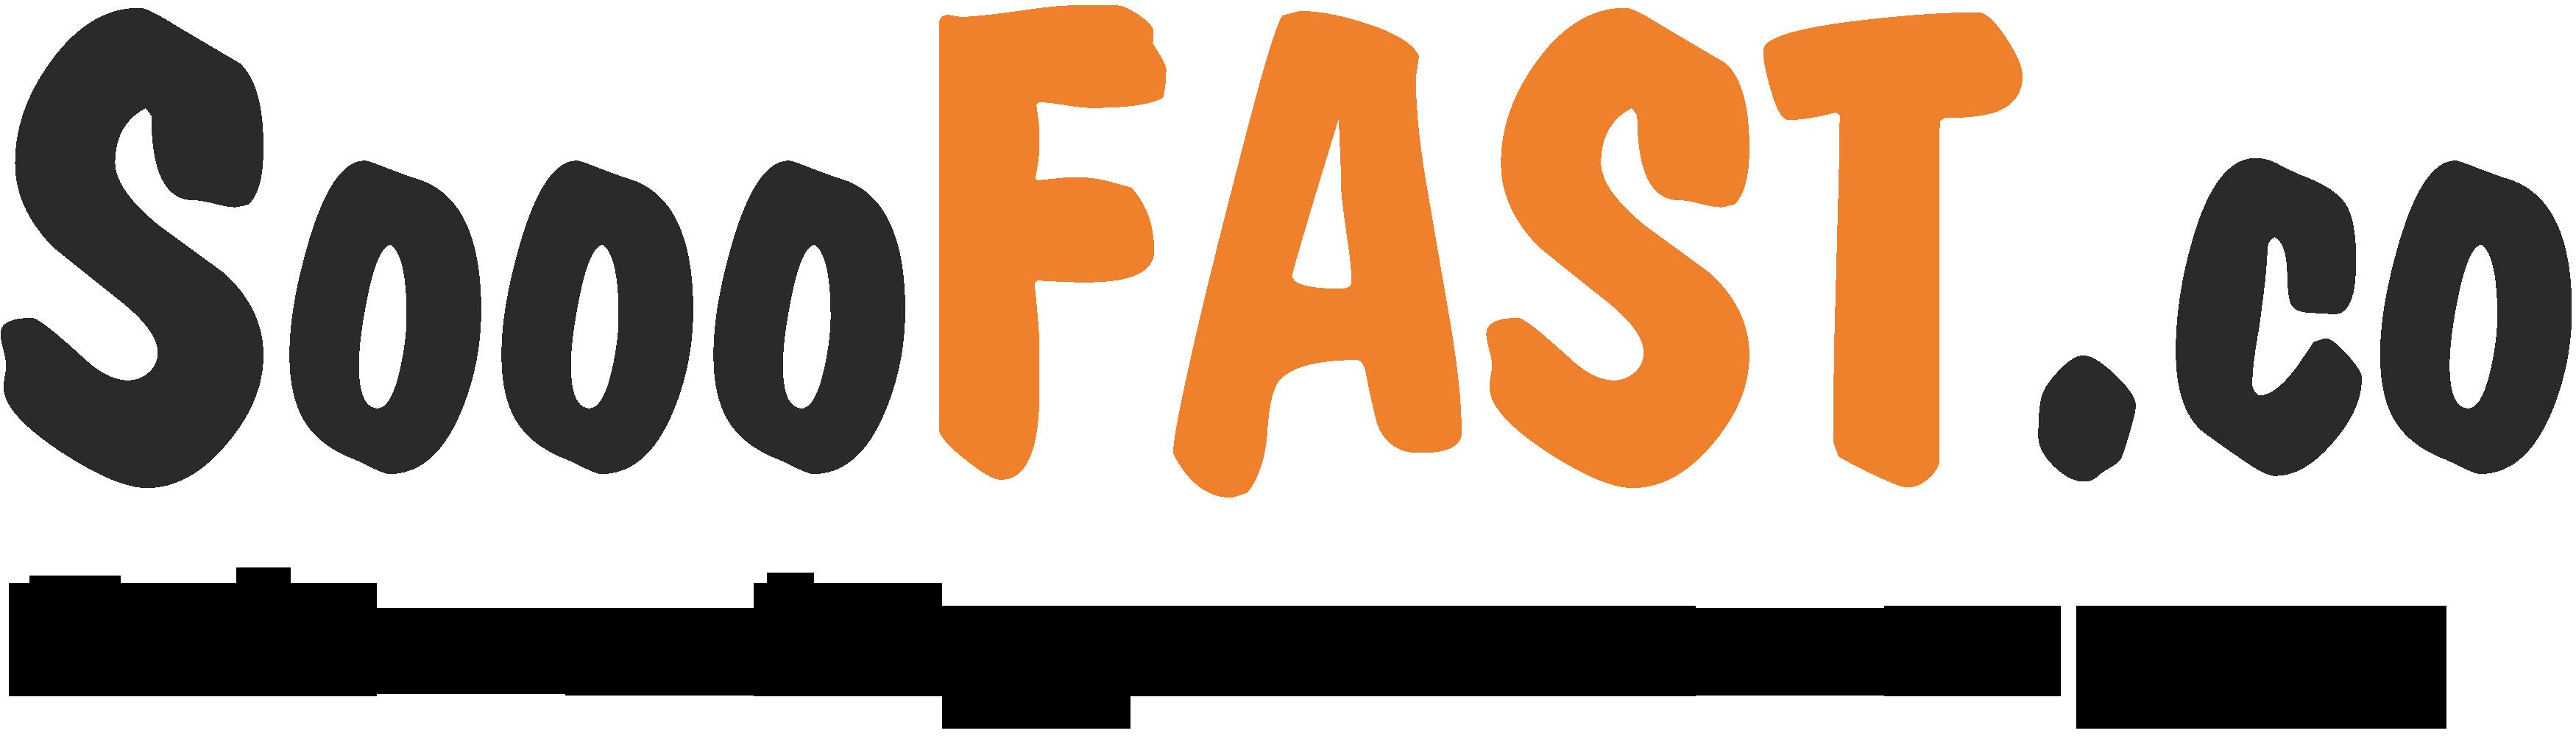 Информационную поддержку RACE - окажет SoooFAST.co!